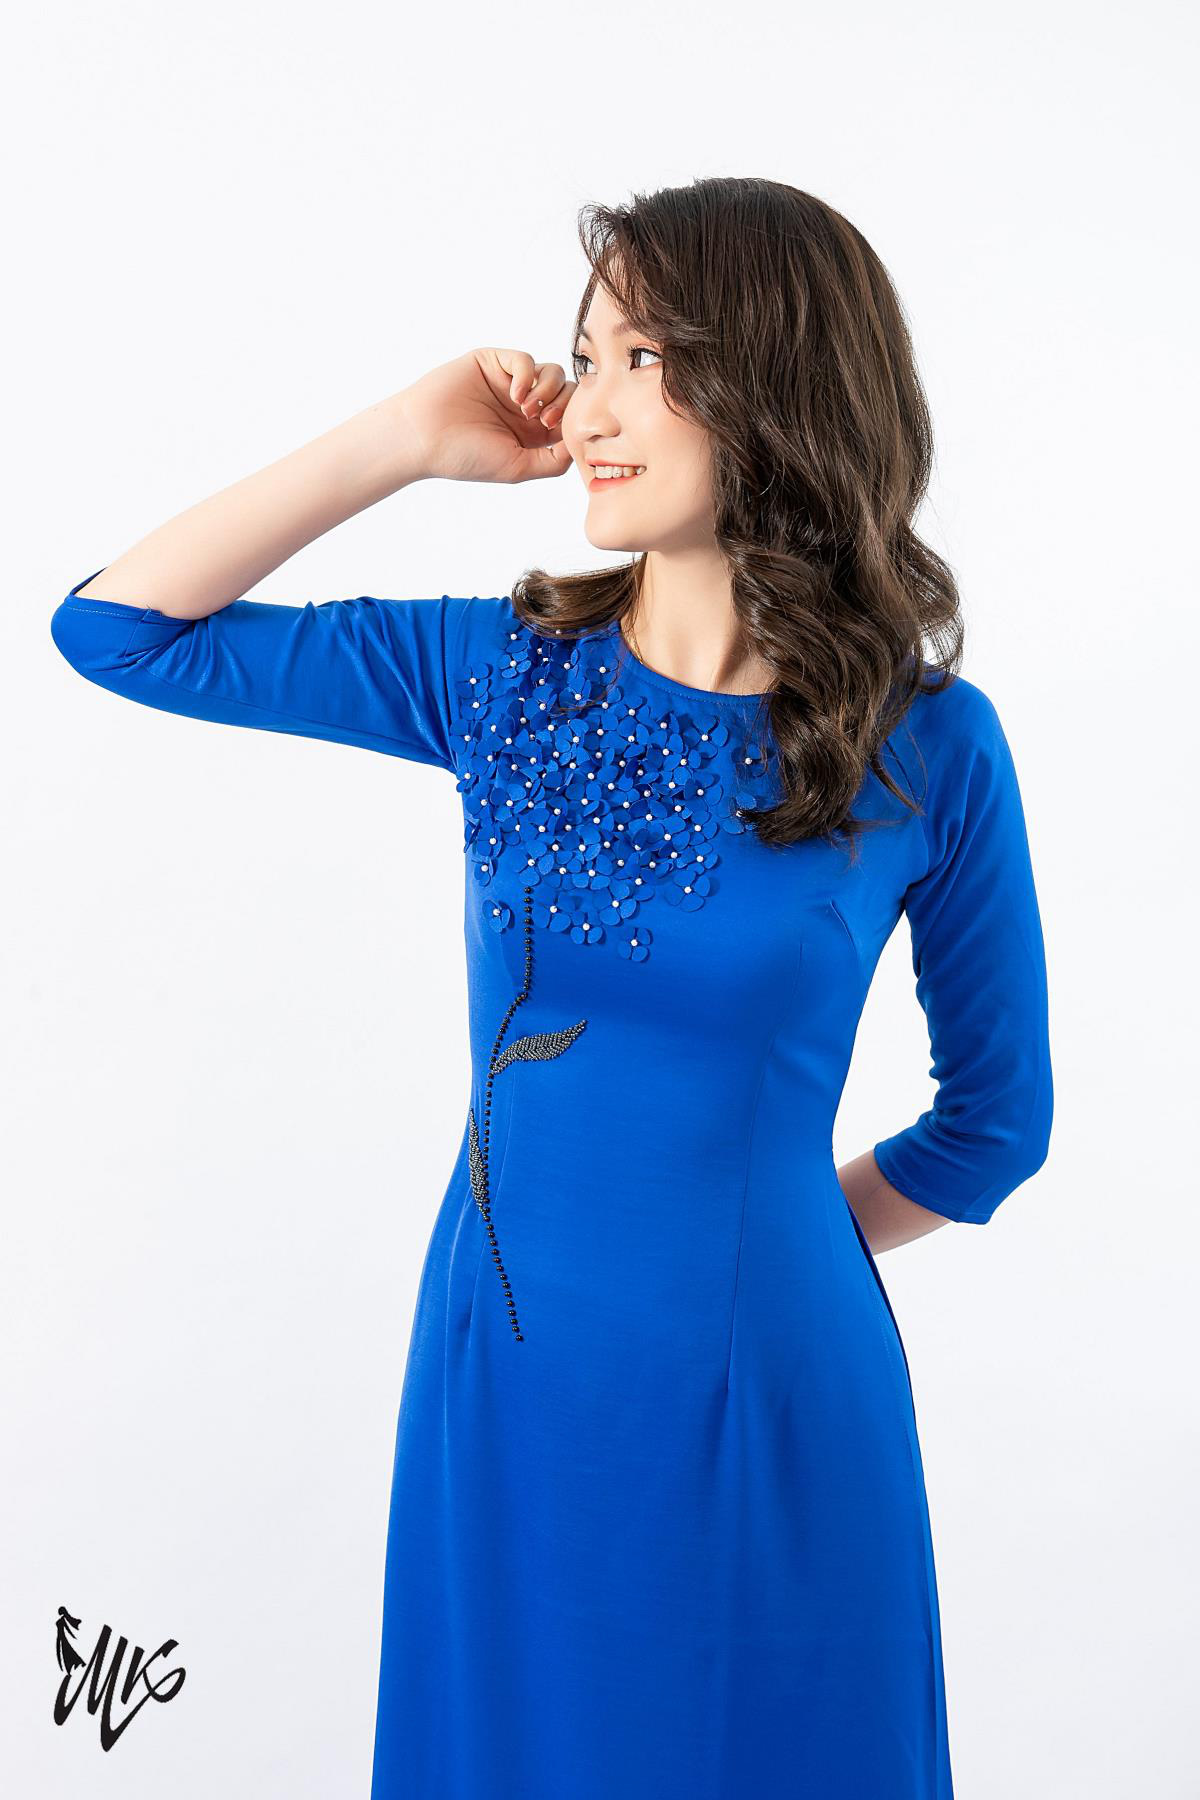 Thương hiệu thời trang áo dài Minh Khang niềm tự hào của phái đẹp Việt - Ảnh 5.